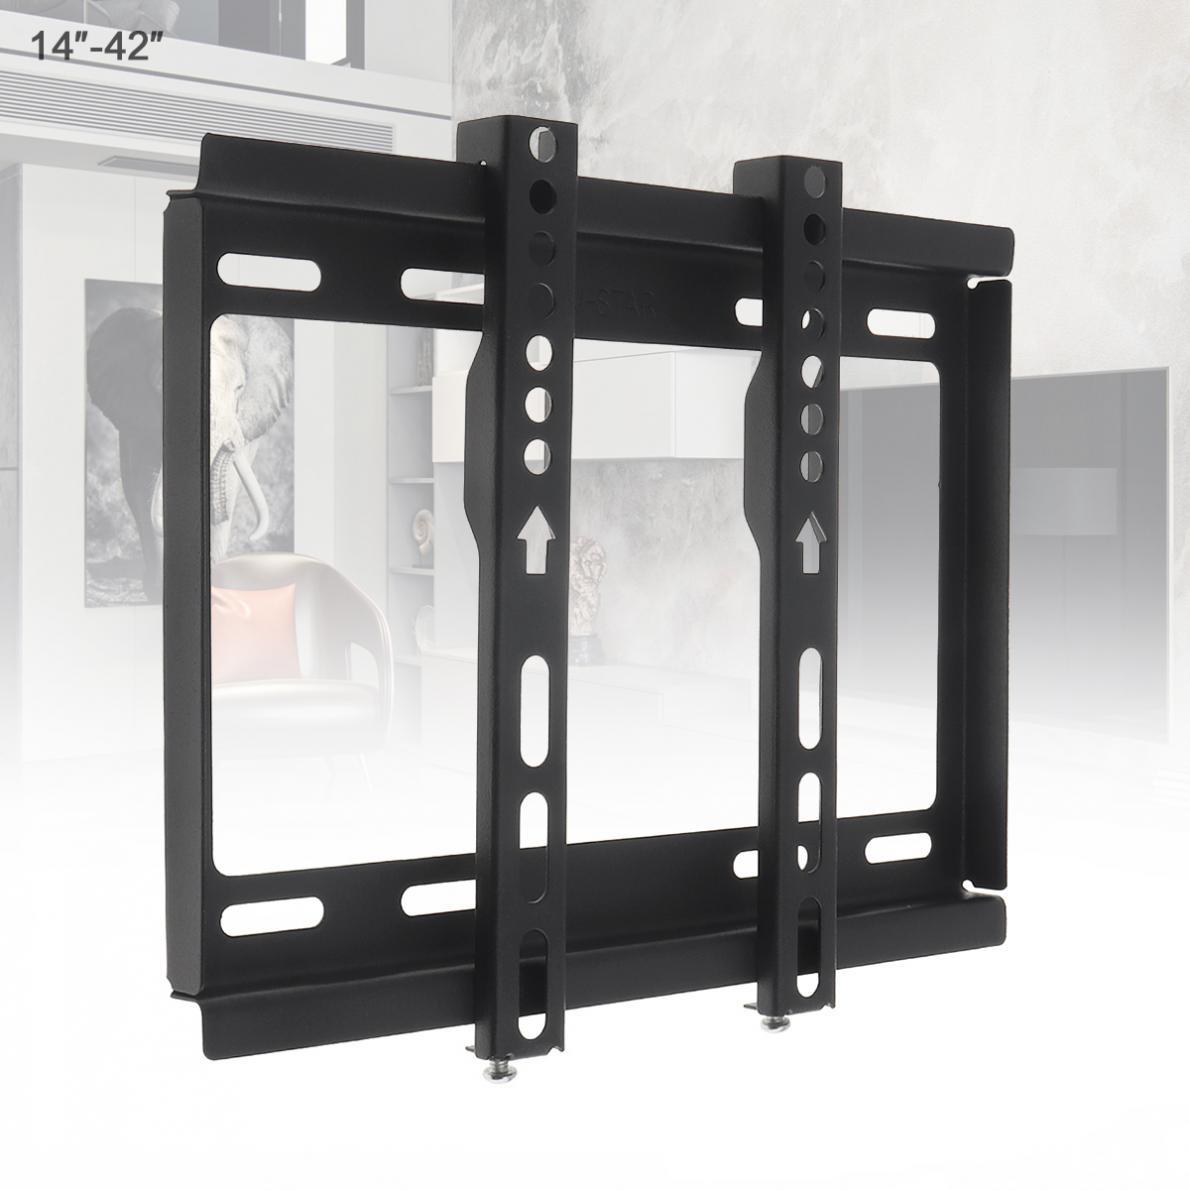 Hohe Qualität Universal 25KG Feste-typ TV Wand Halterung Flache Panel TV Rahmen für 14 - 42 zoll LCD LED-Monitor Flachen Pfanne